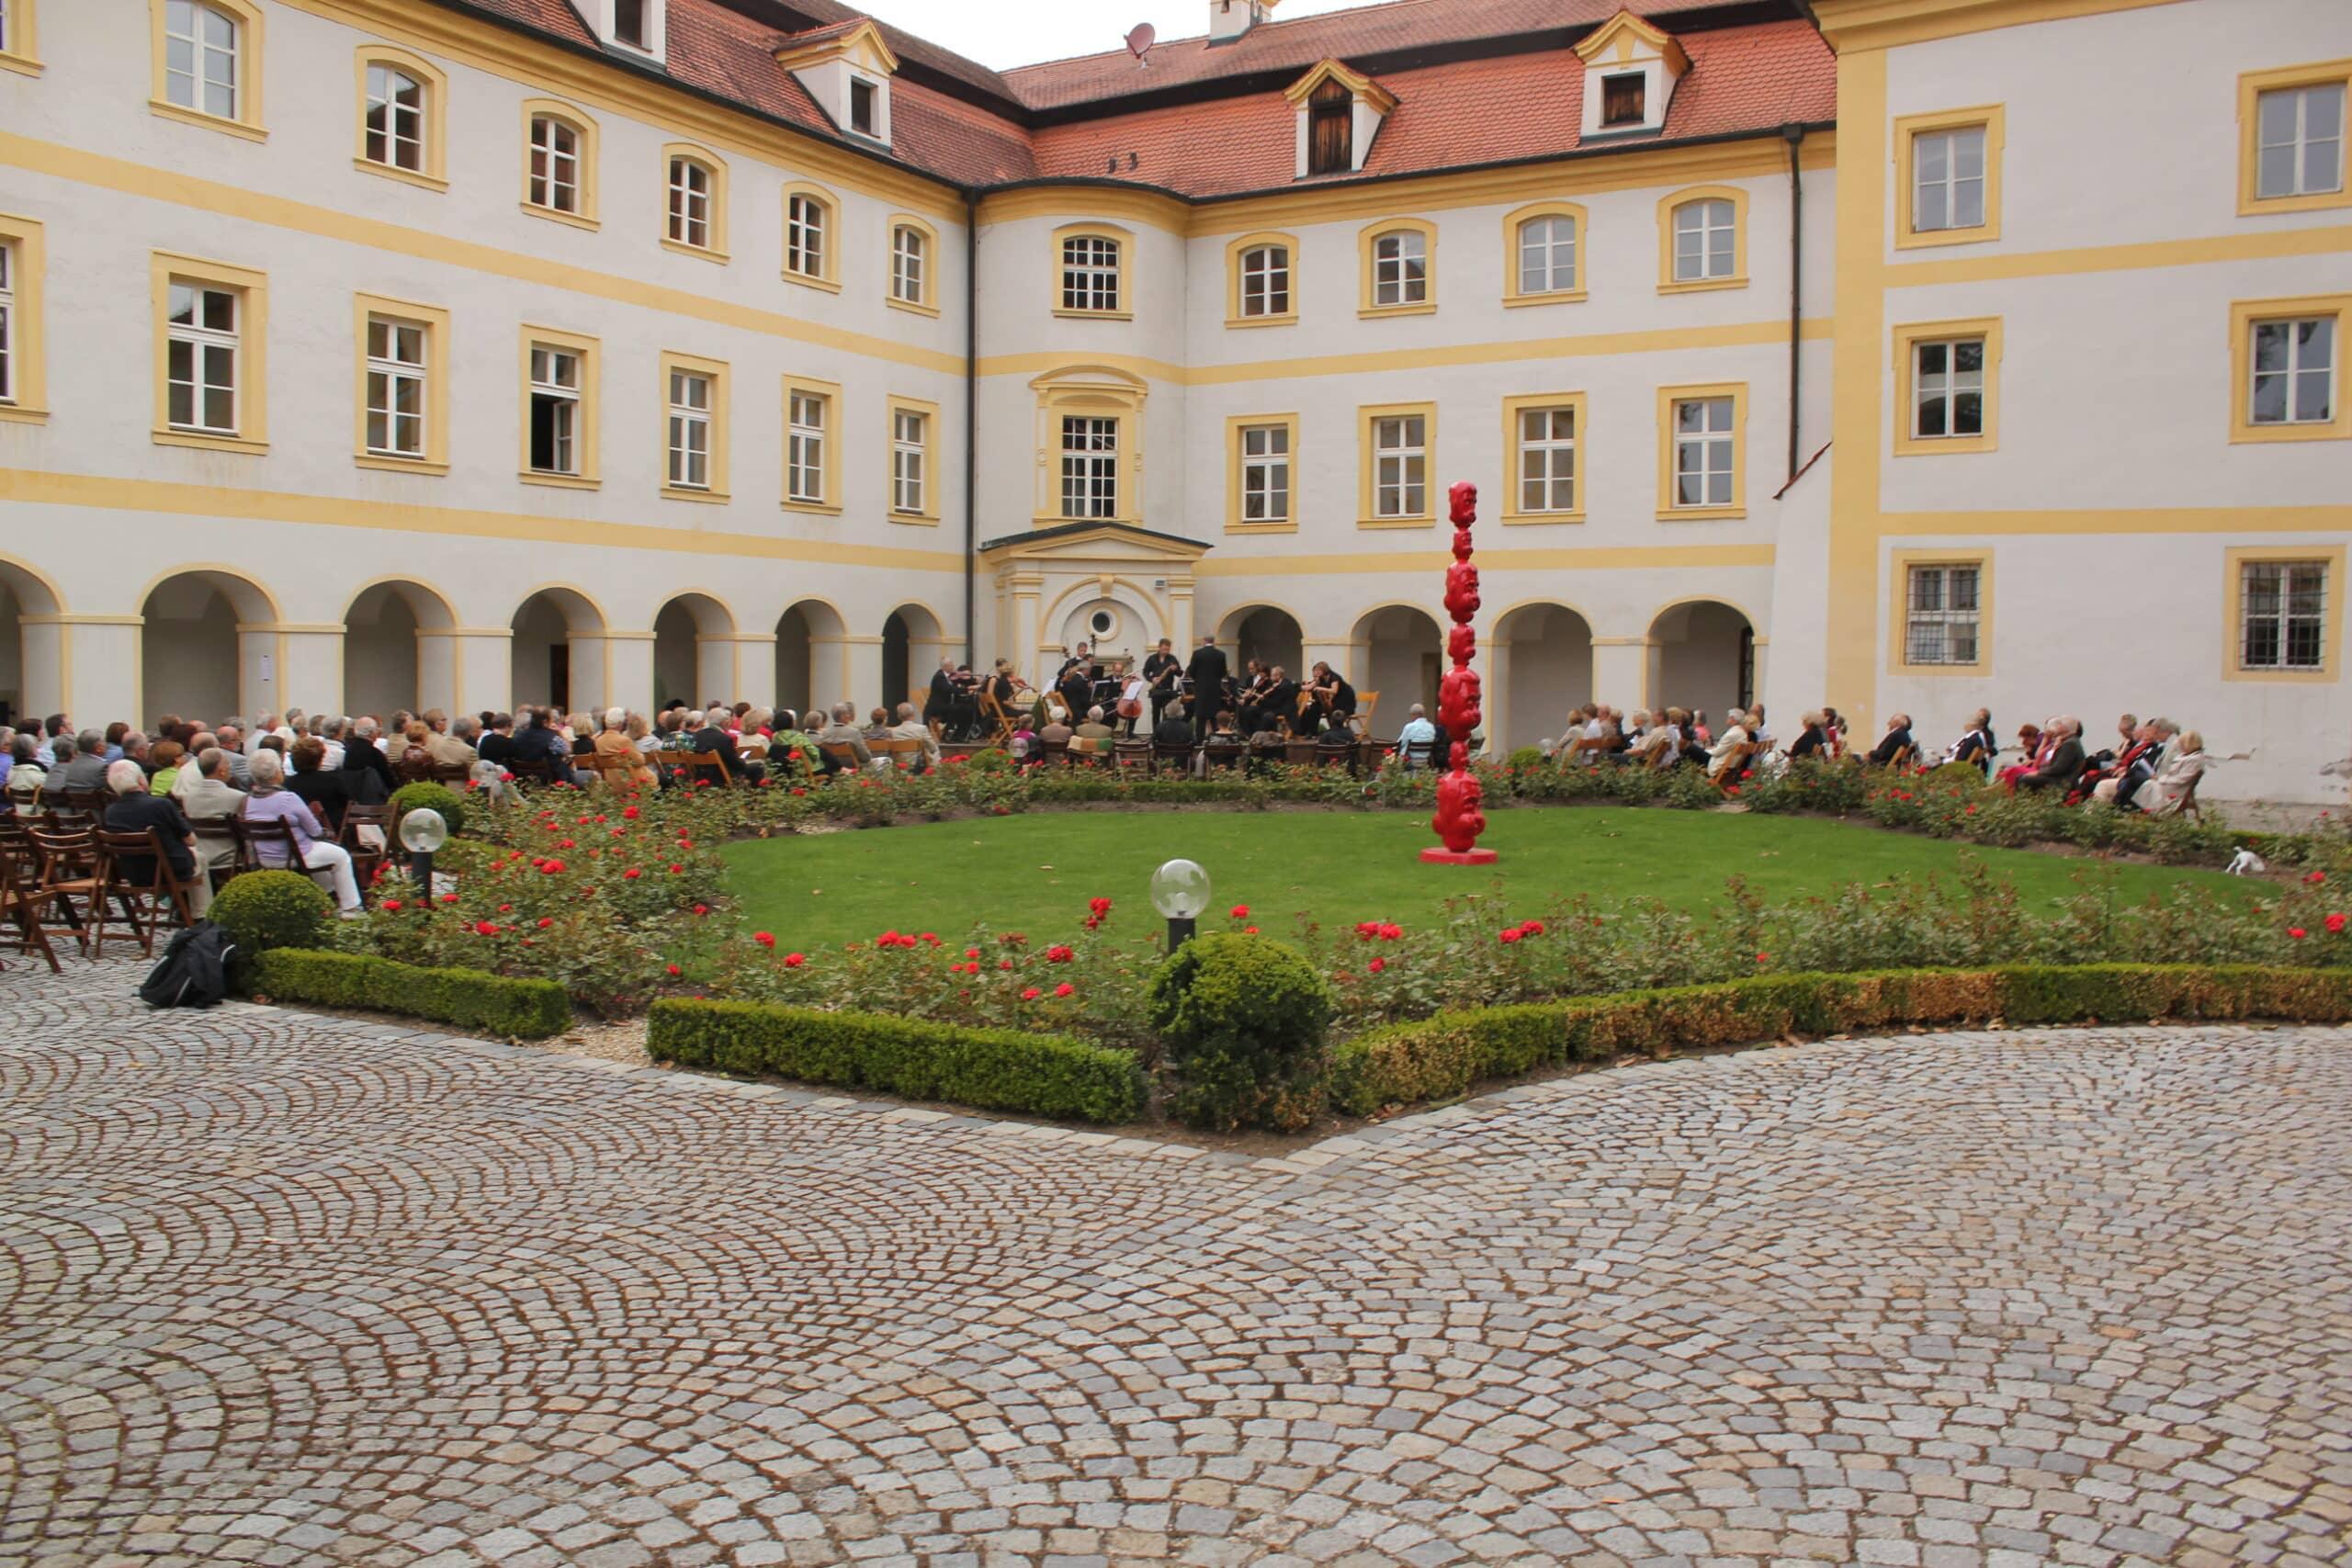 Köfering Regensburg